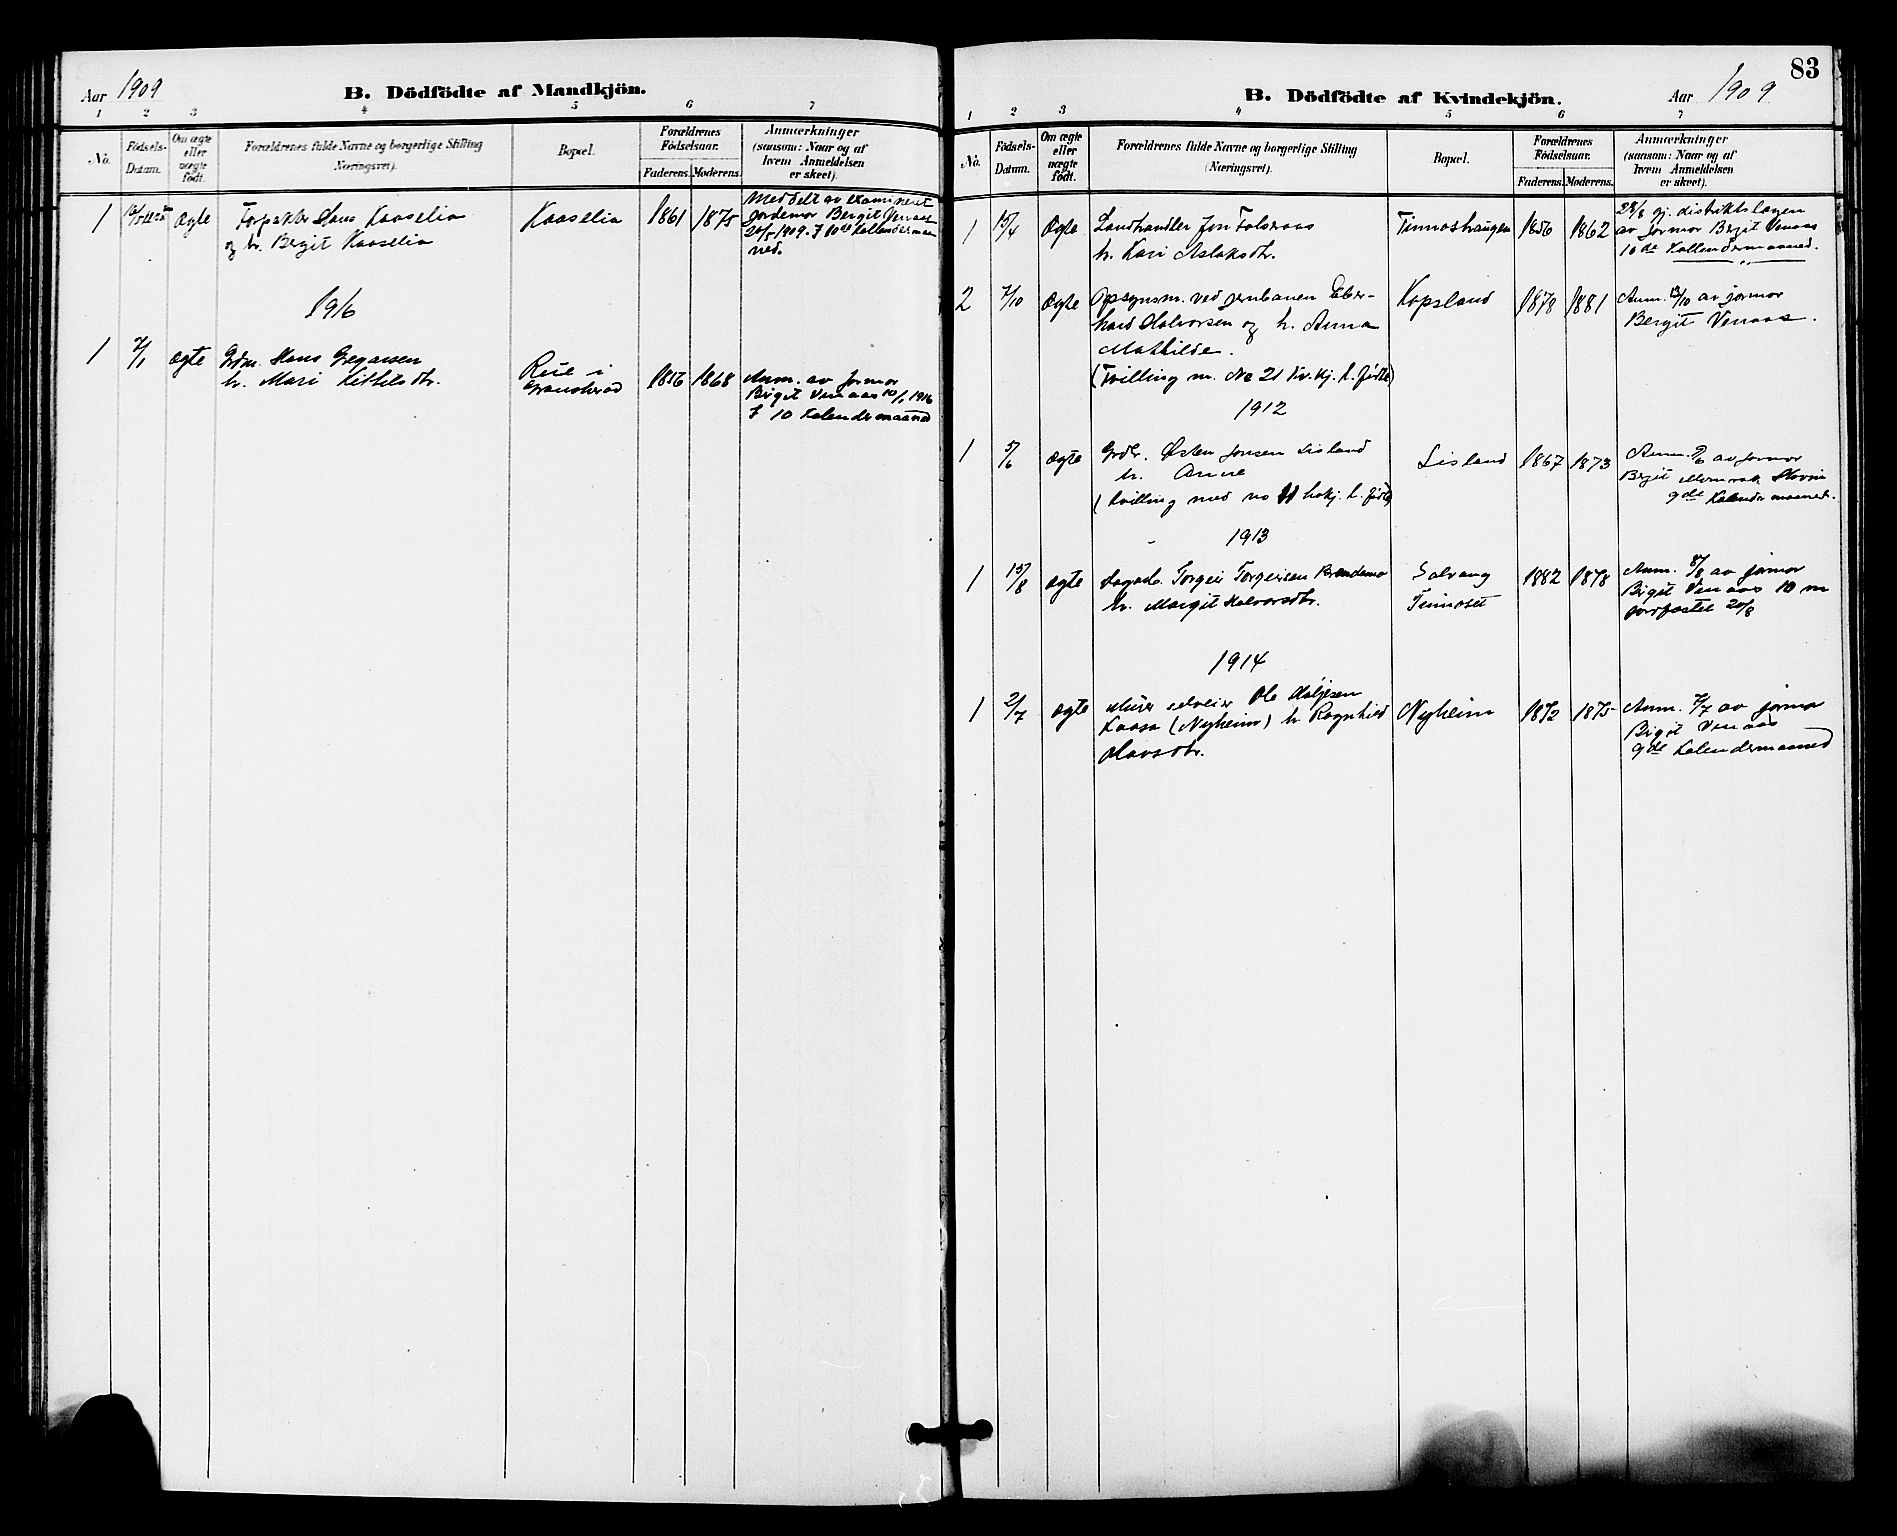 SAKO, Gransherad kirkebøker, G/Ga/L0003: Klokkerbok nr. I 3, 1887-1915, s. 83